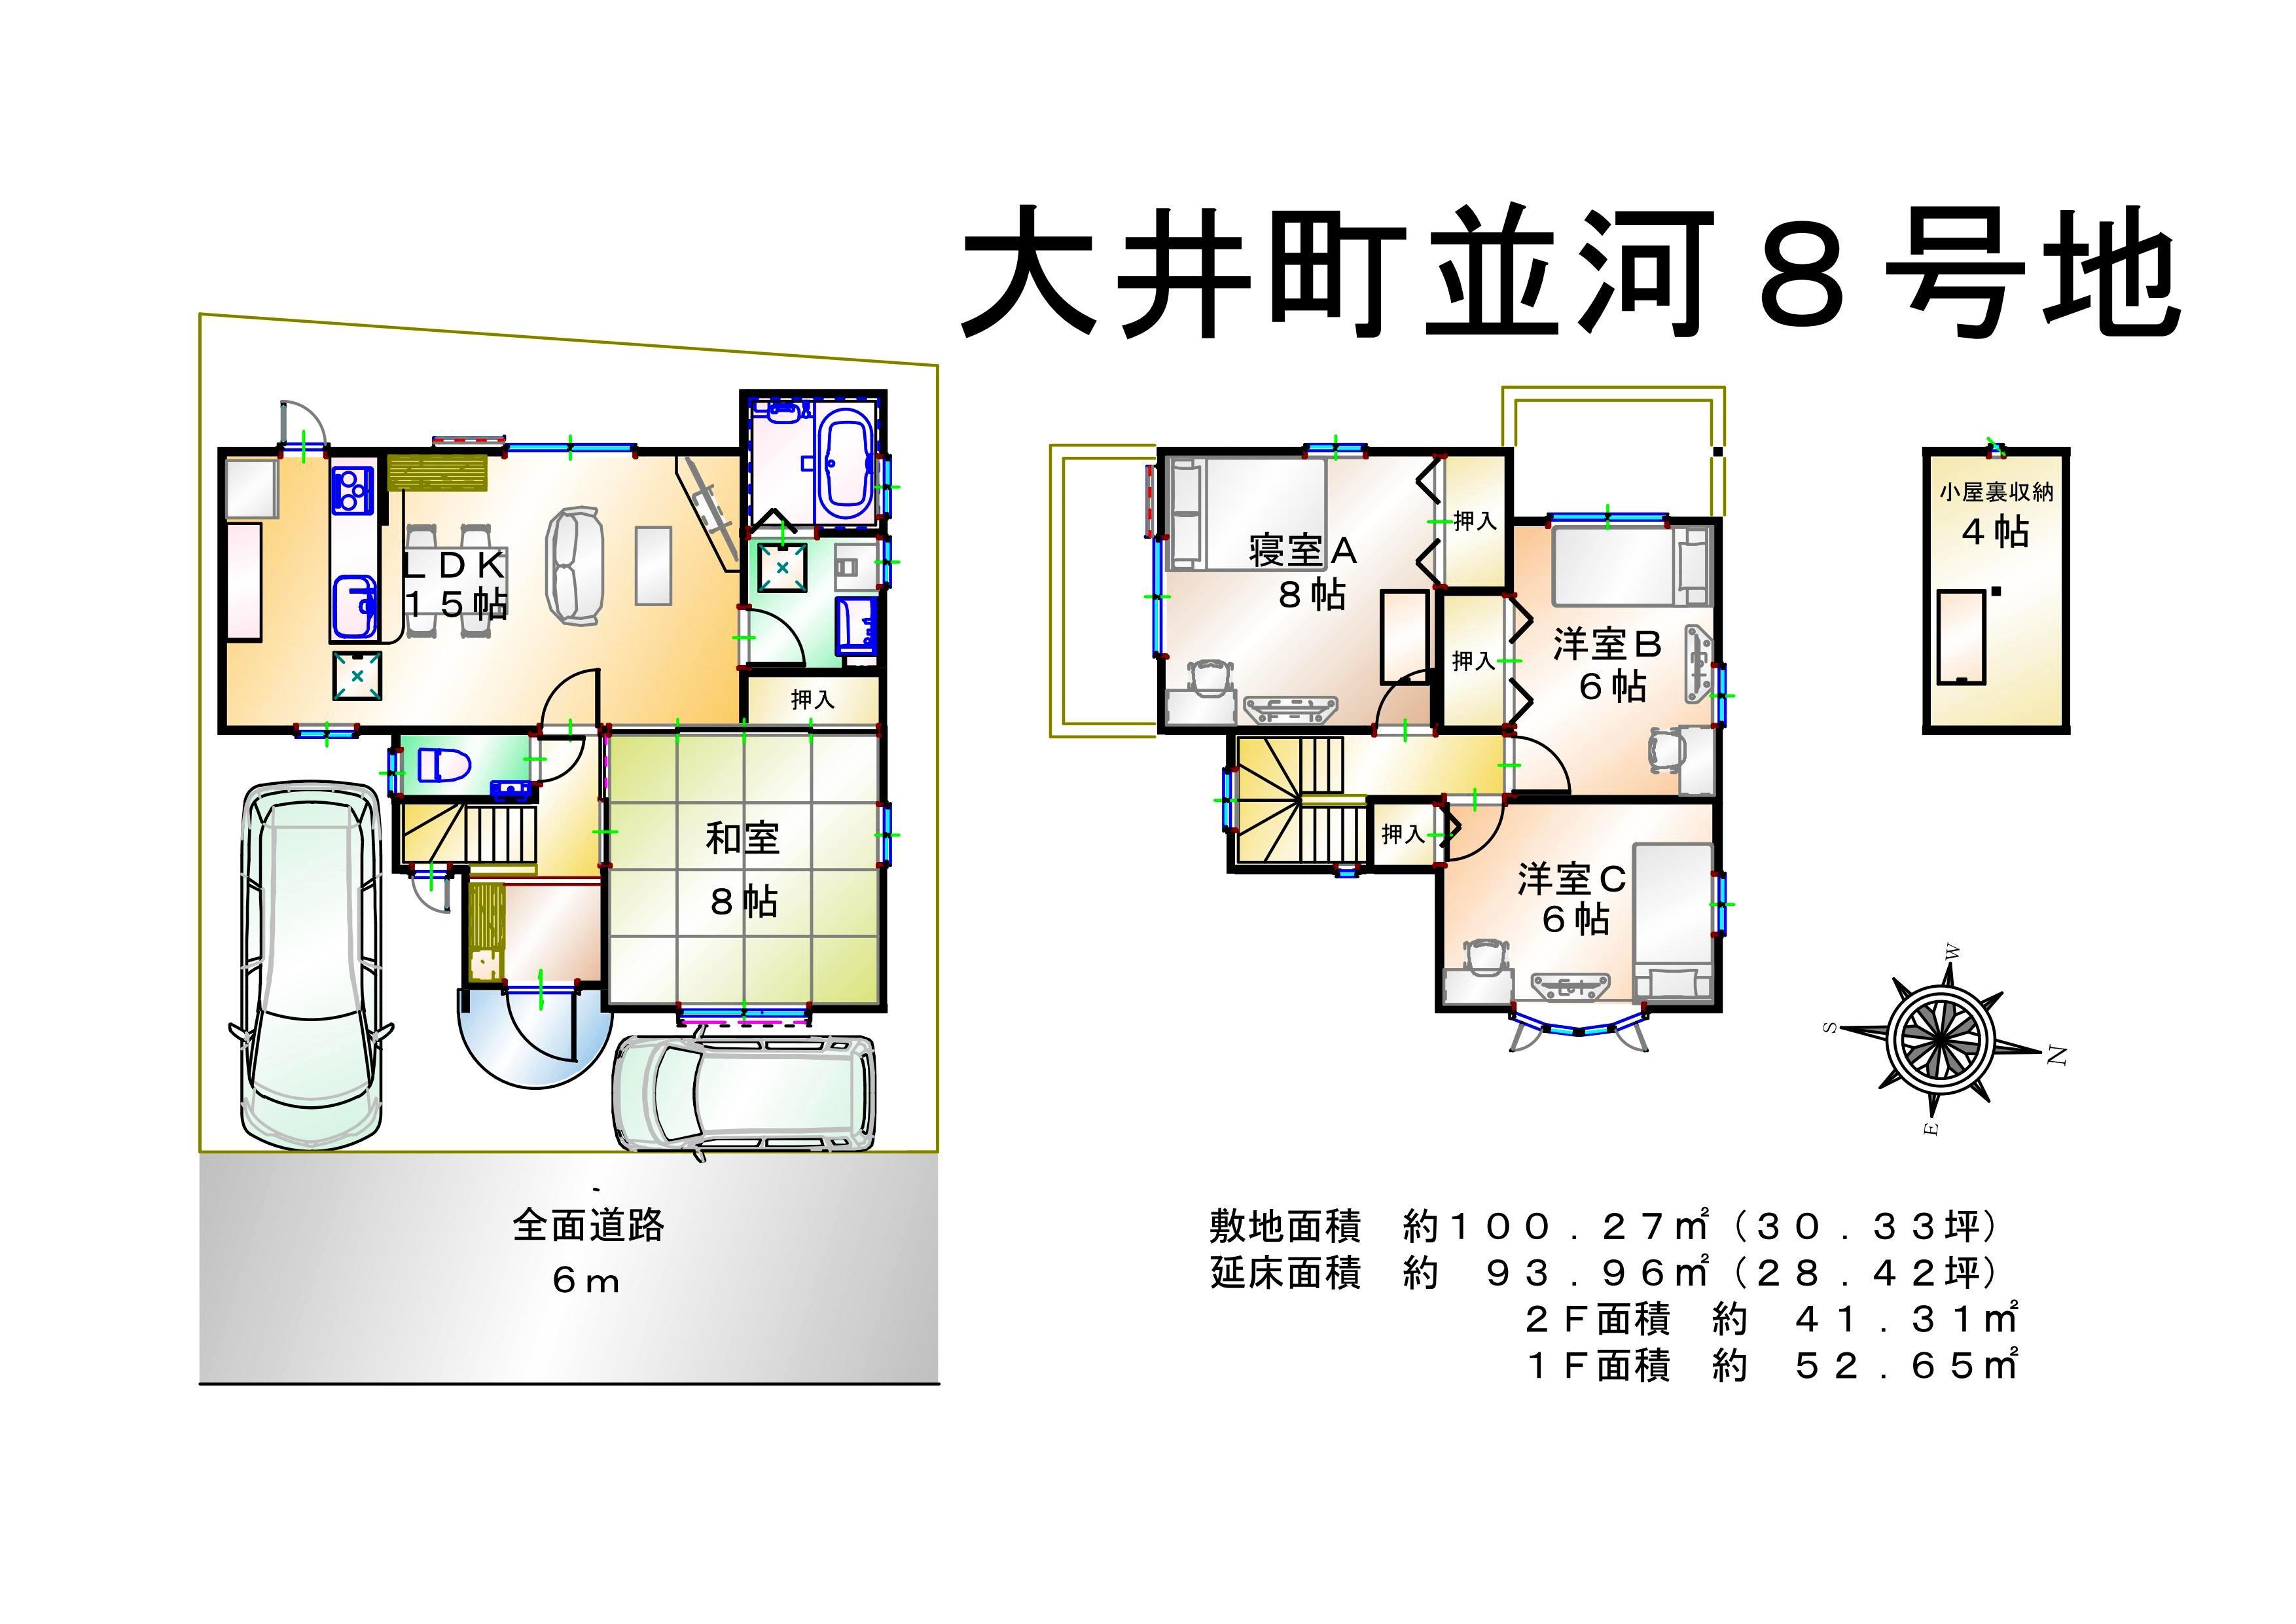 8号地【オープンハウス】